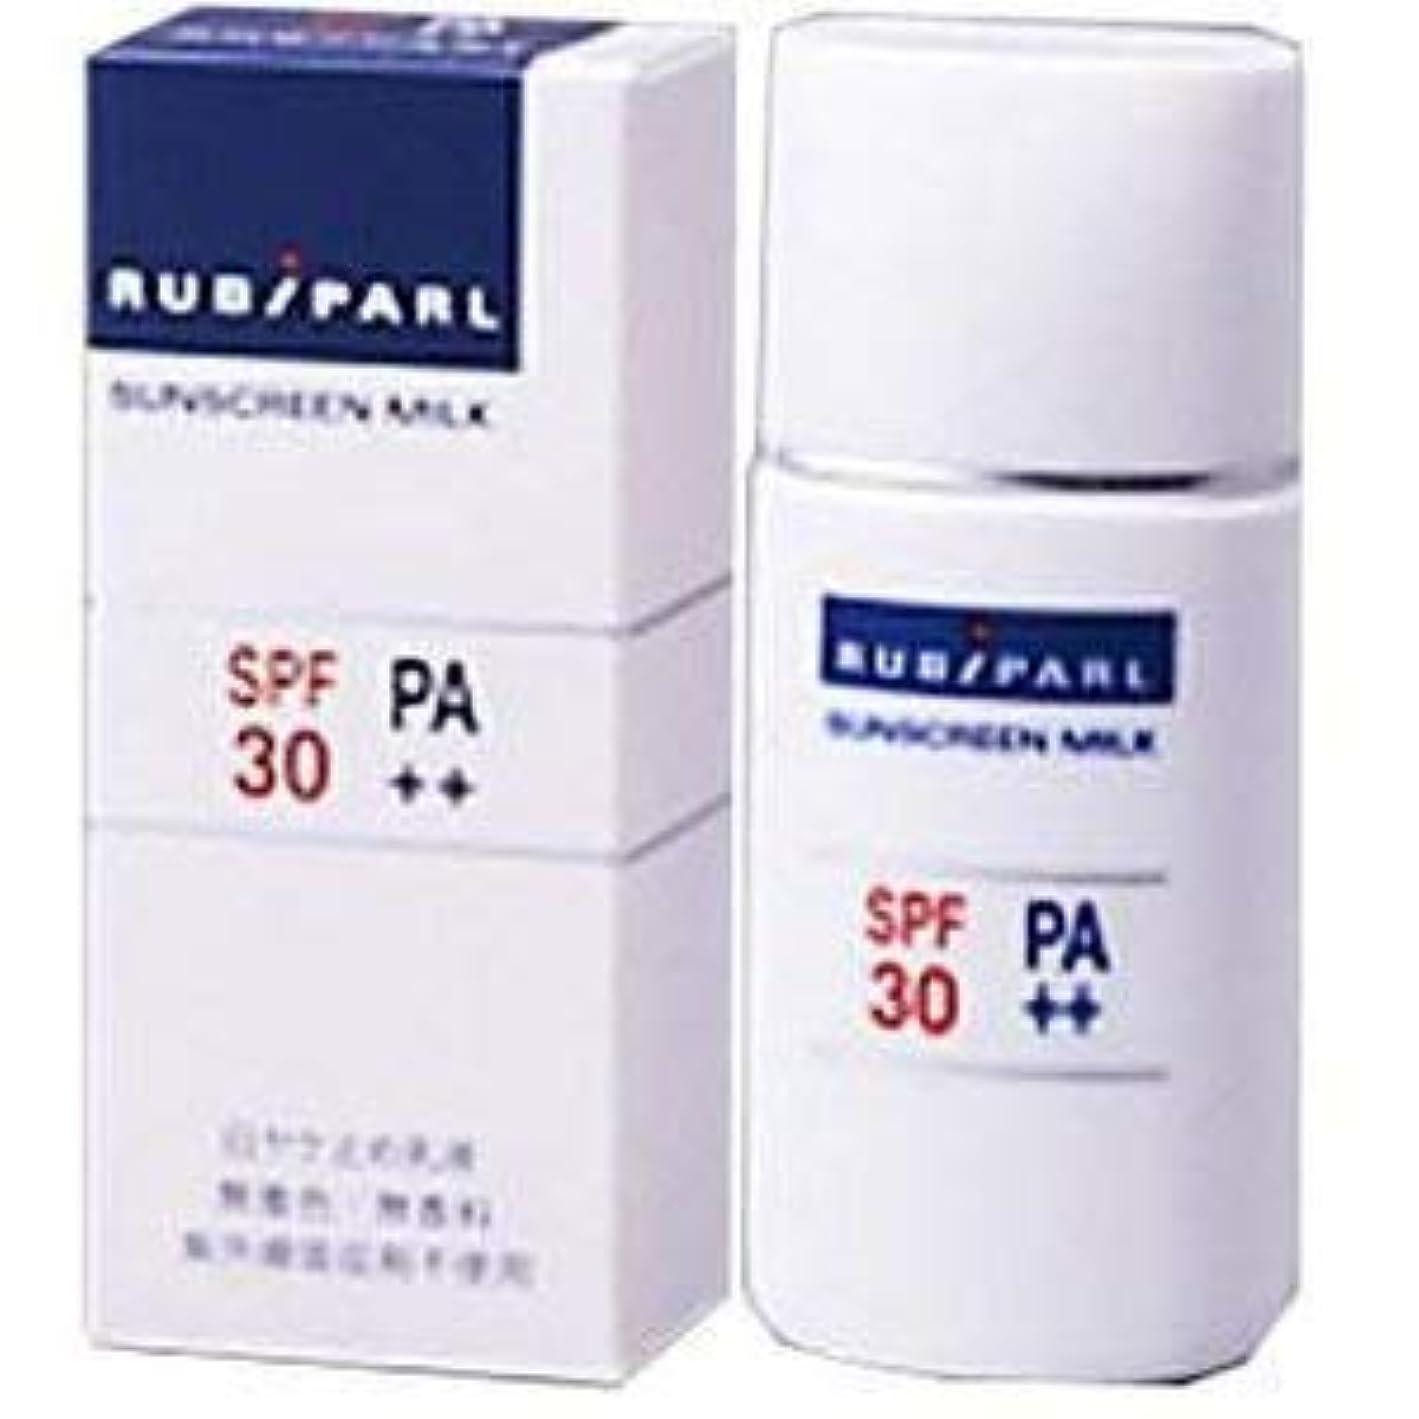 時制スーパーロケットルビパール サンスクリーンミルク 日ヤケ止め乳液 SPF30 PA++ 30mLx3個セット